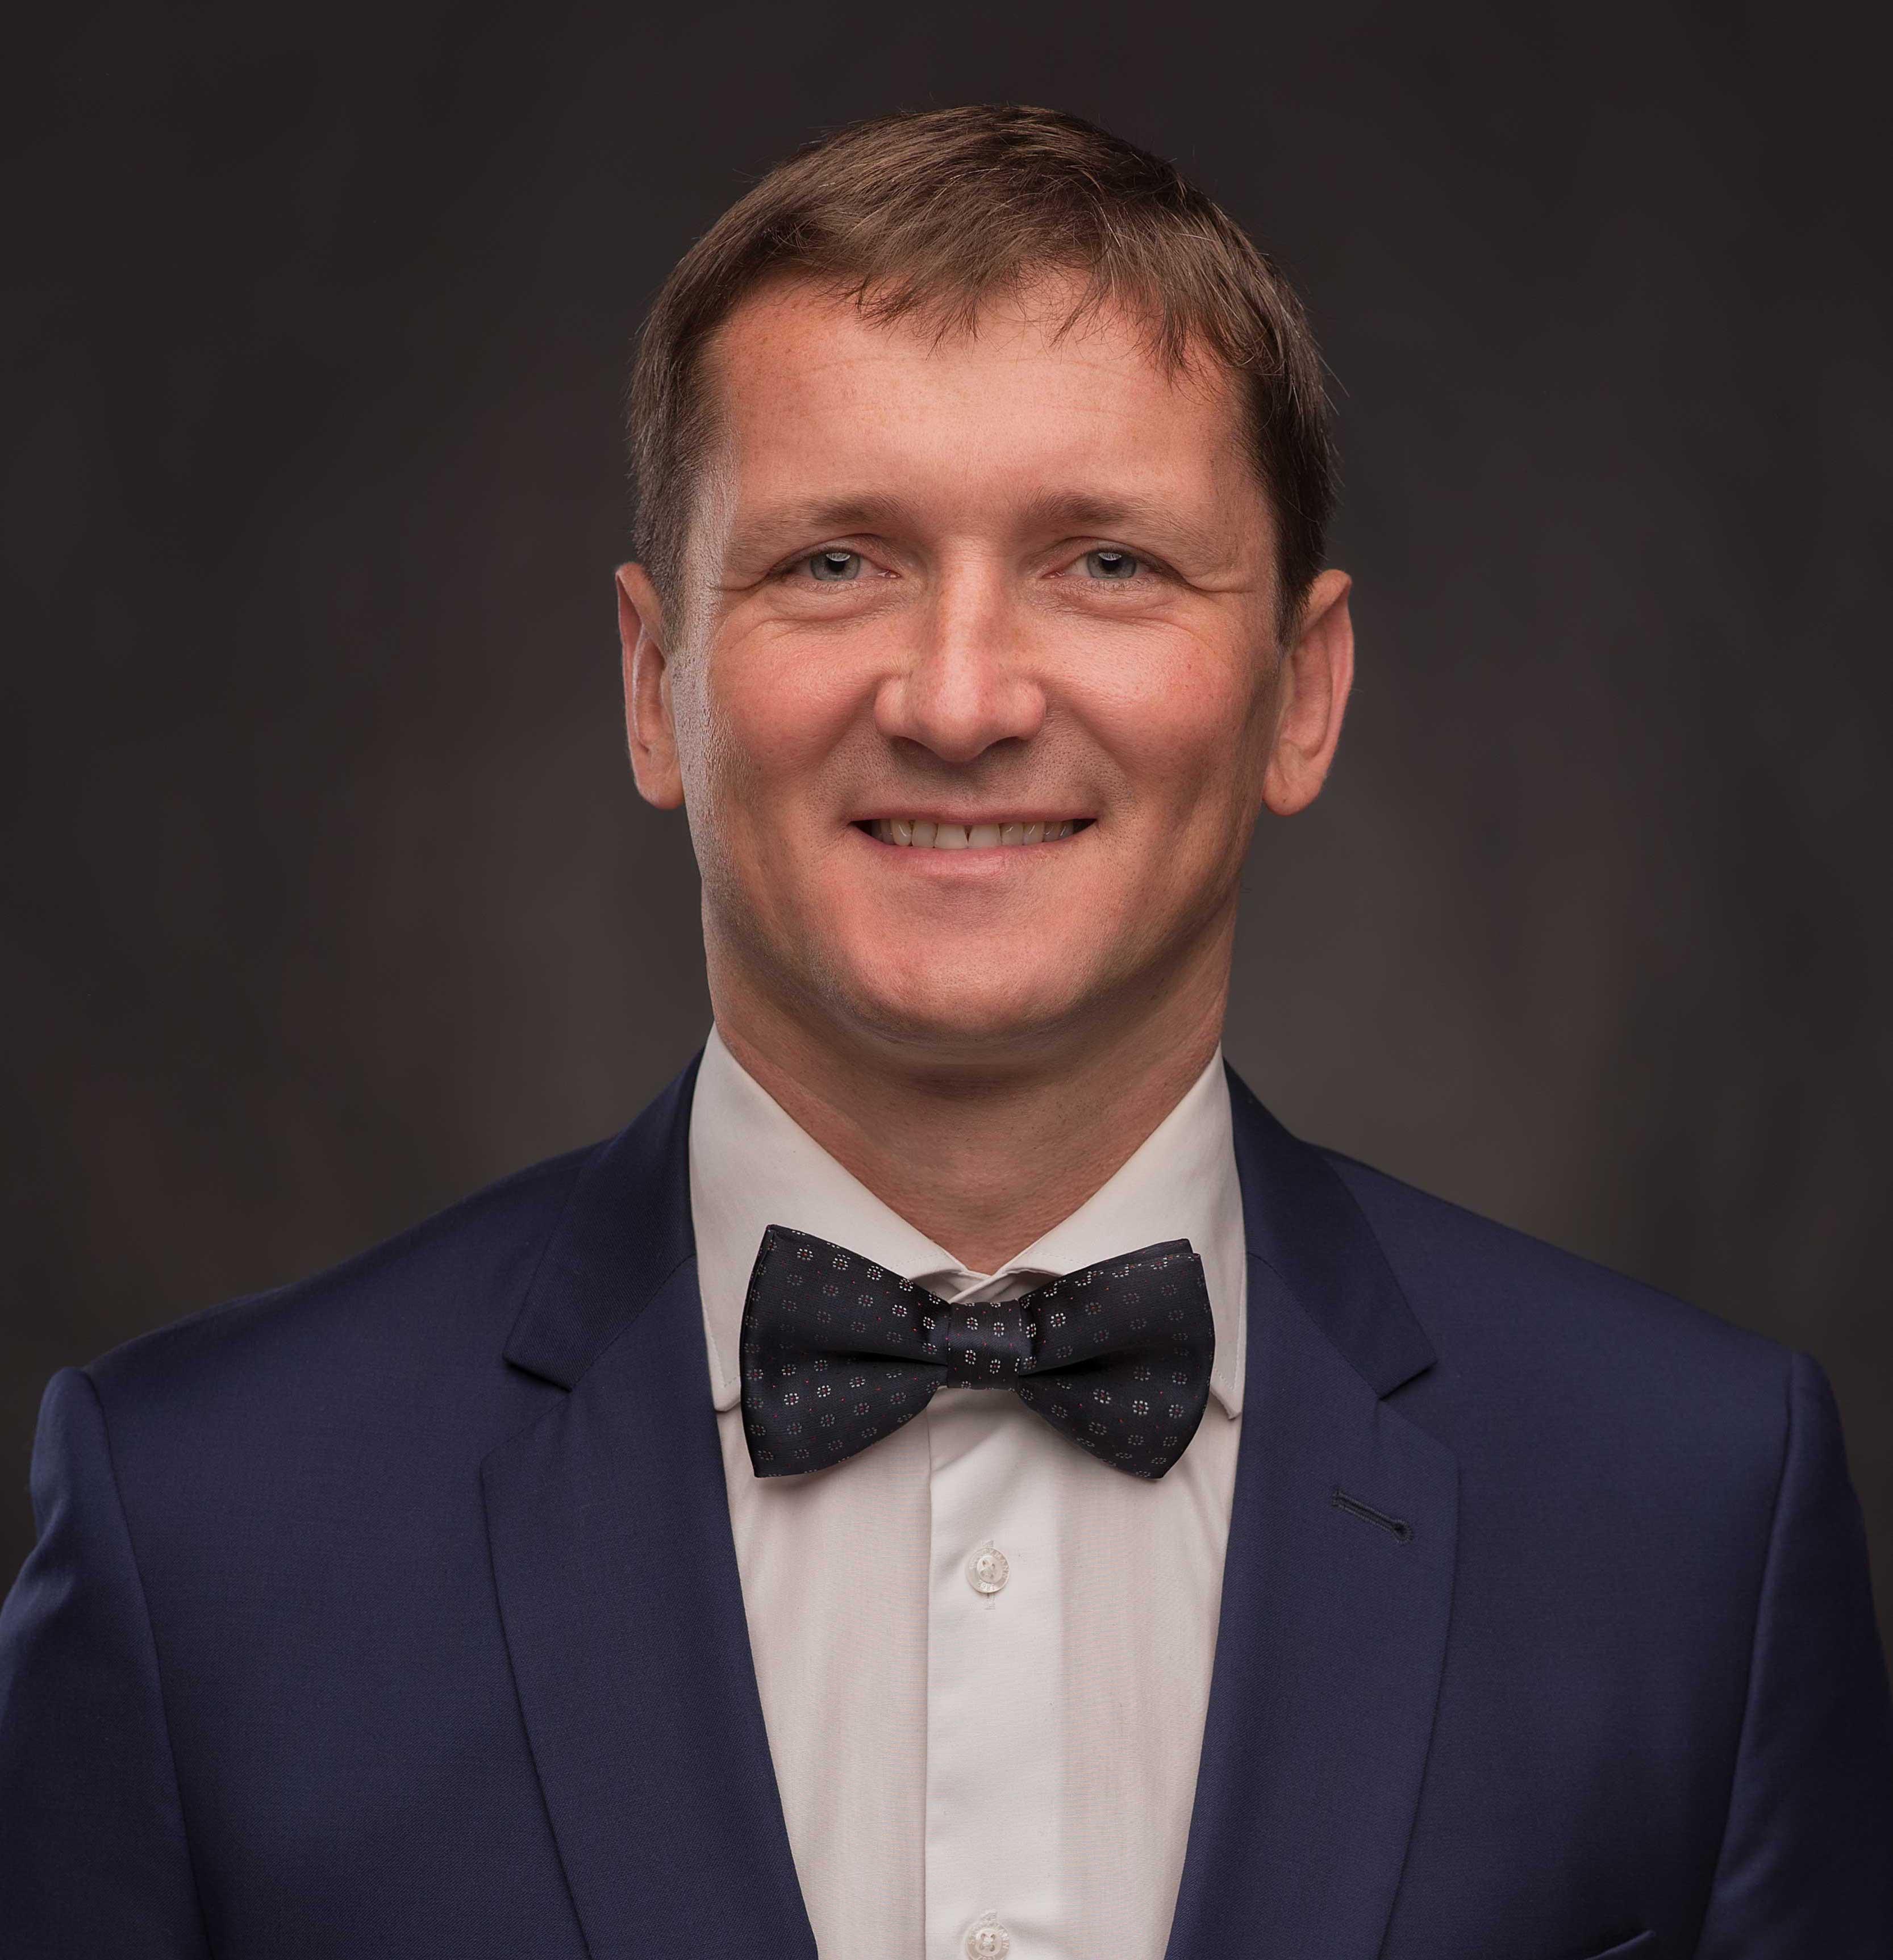 Петр Войчинский: «Богатые люди в России хотят построить свое»